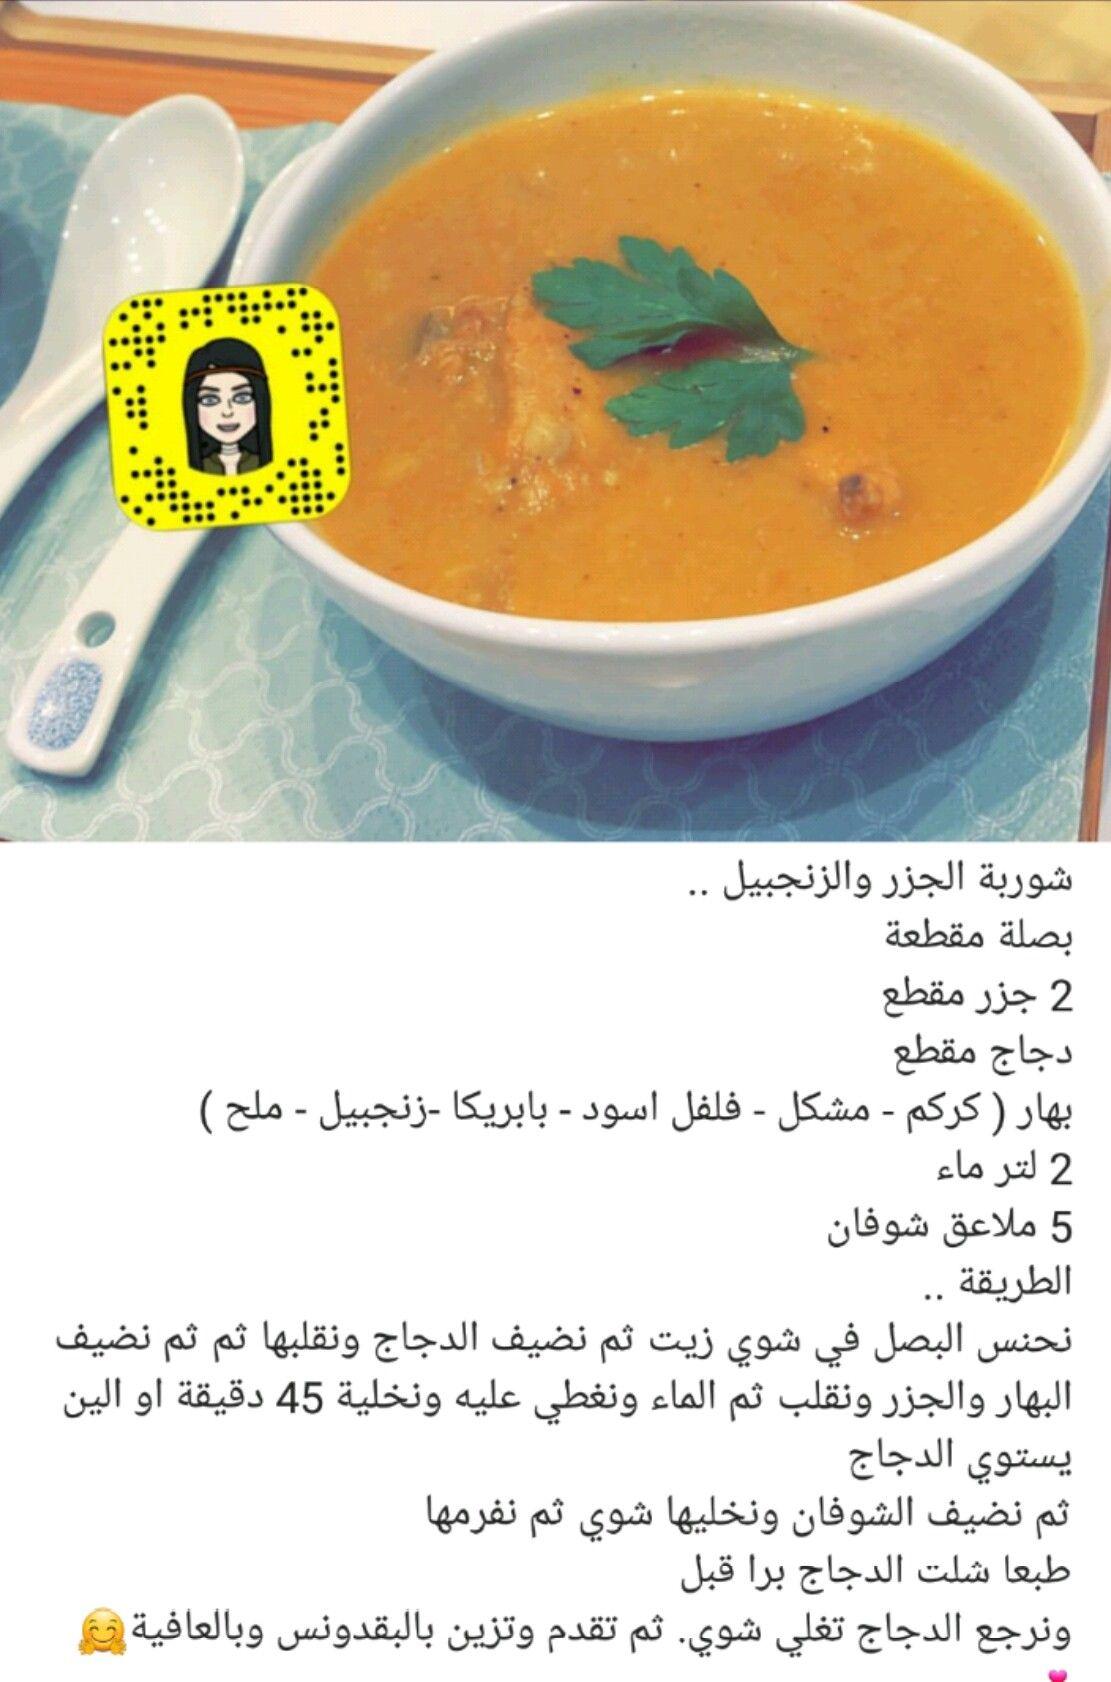 Pin By Fatima Boutata On طبخ Food Fruit Cantaloupe